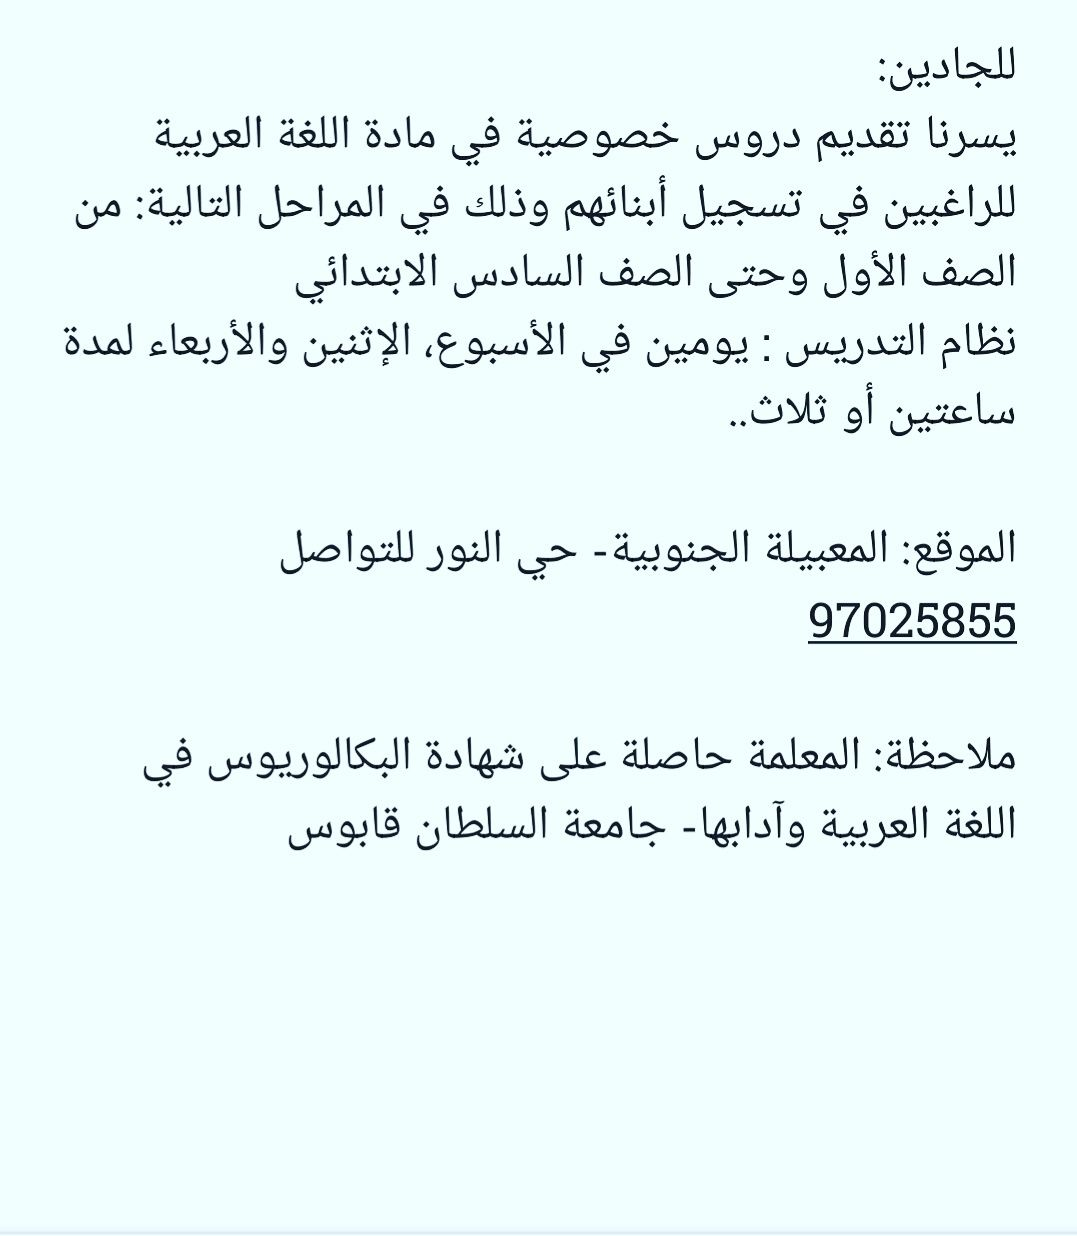 كود الاعلان F9mk7nc معلومات عن الإعلان للجادين يسرنا تقديم دروس خصوصية في مادة اللغة العربية للراغبين في تسجيل أبنائهم وذلك في المراحل التالية من الصف